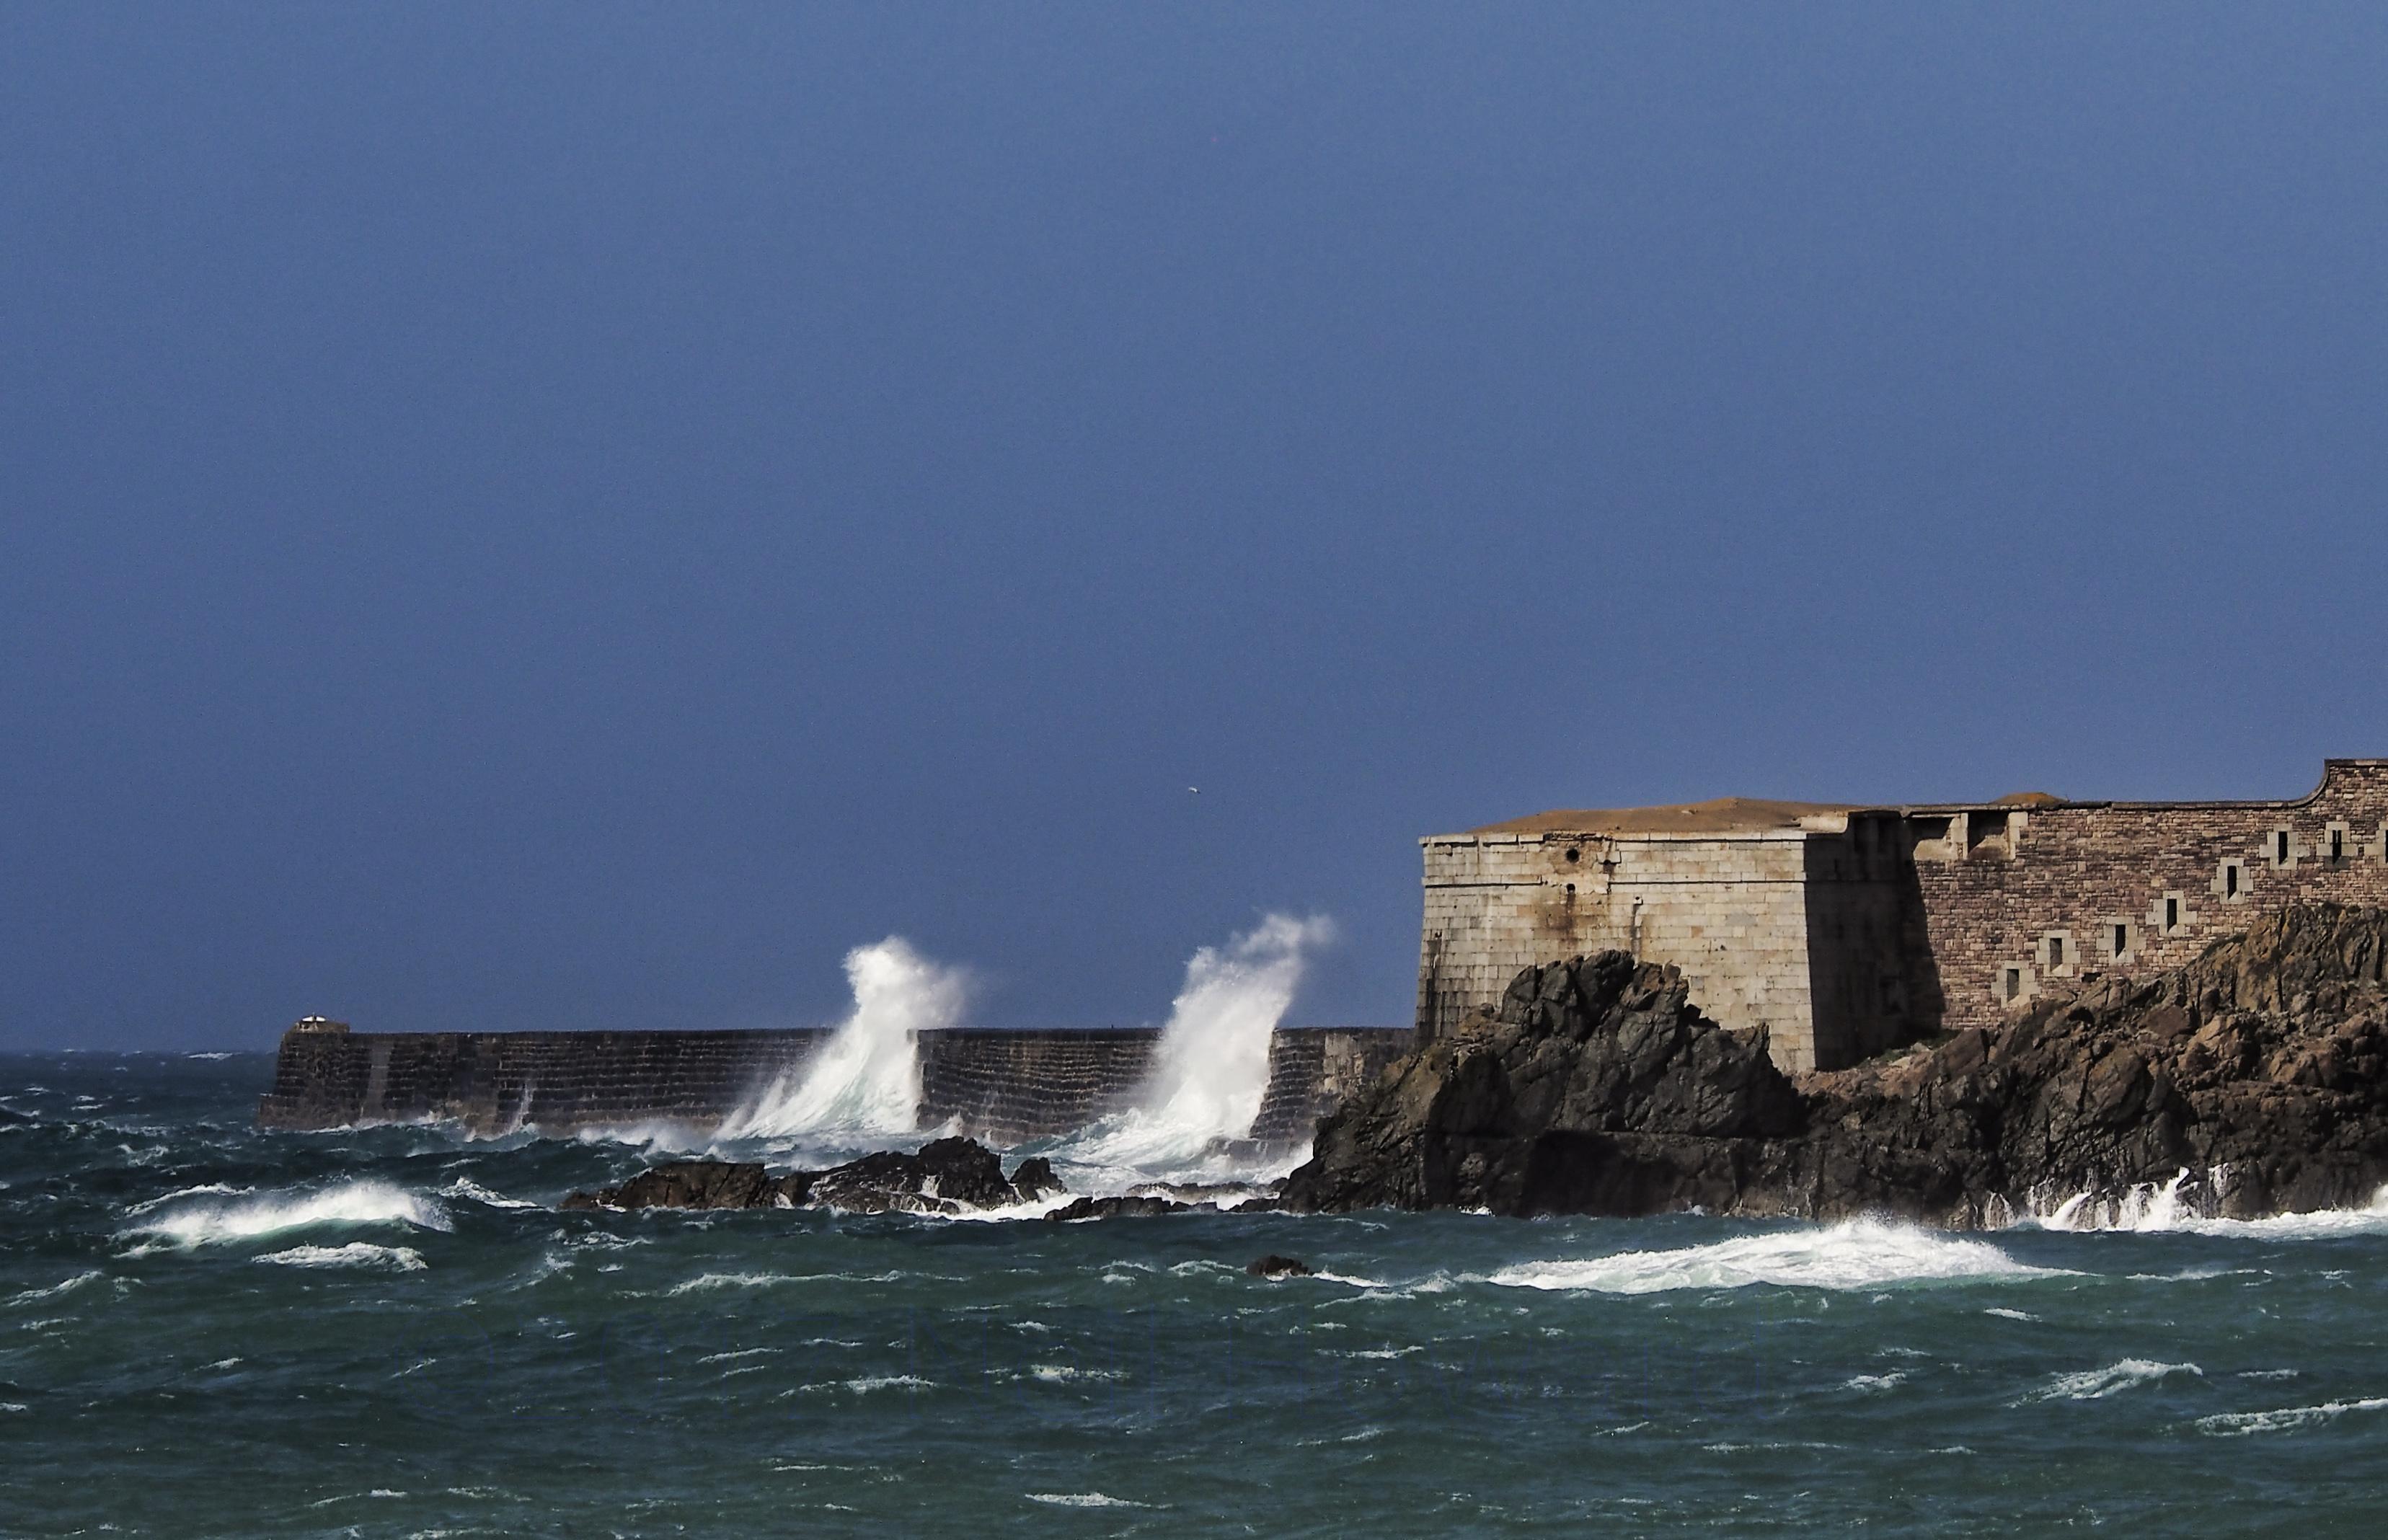 Neil howard 06.06.17 waves hitting the breakwater on alderney